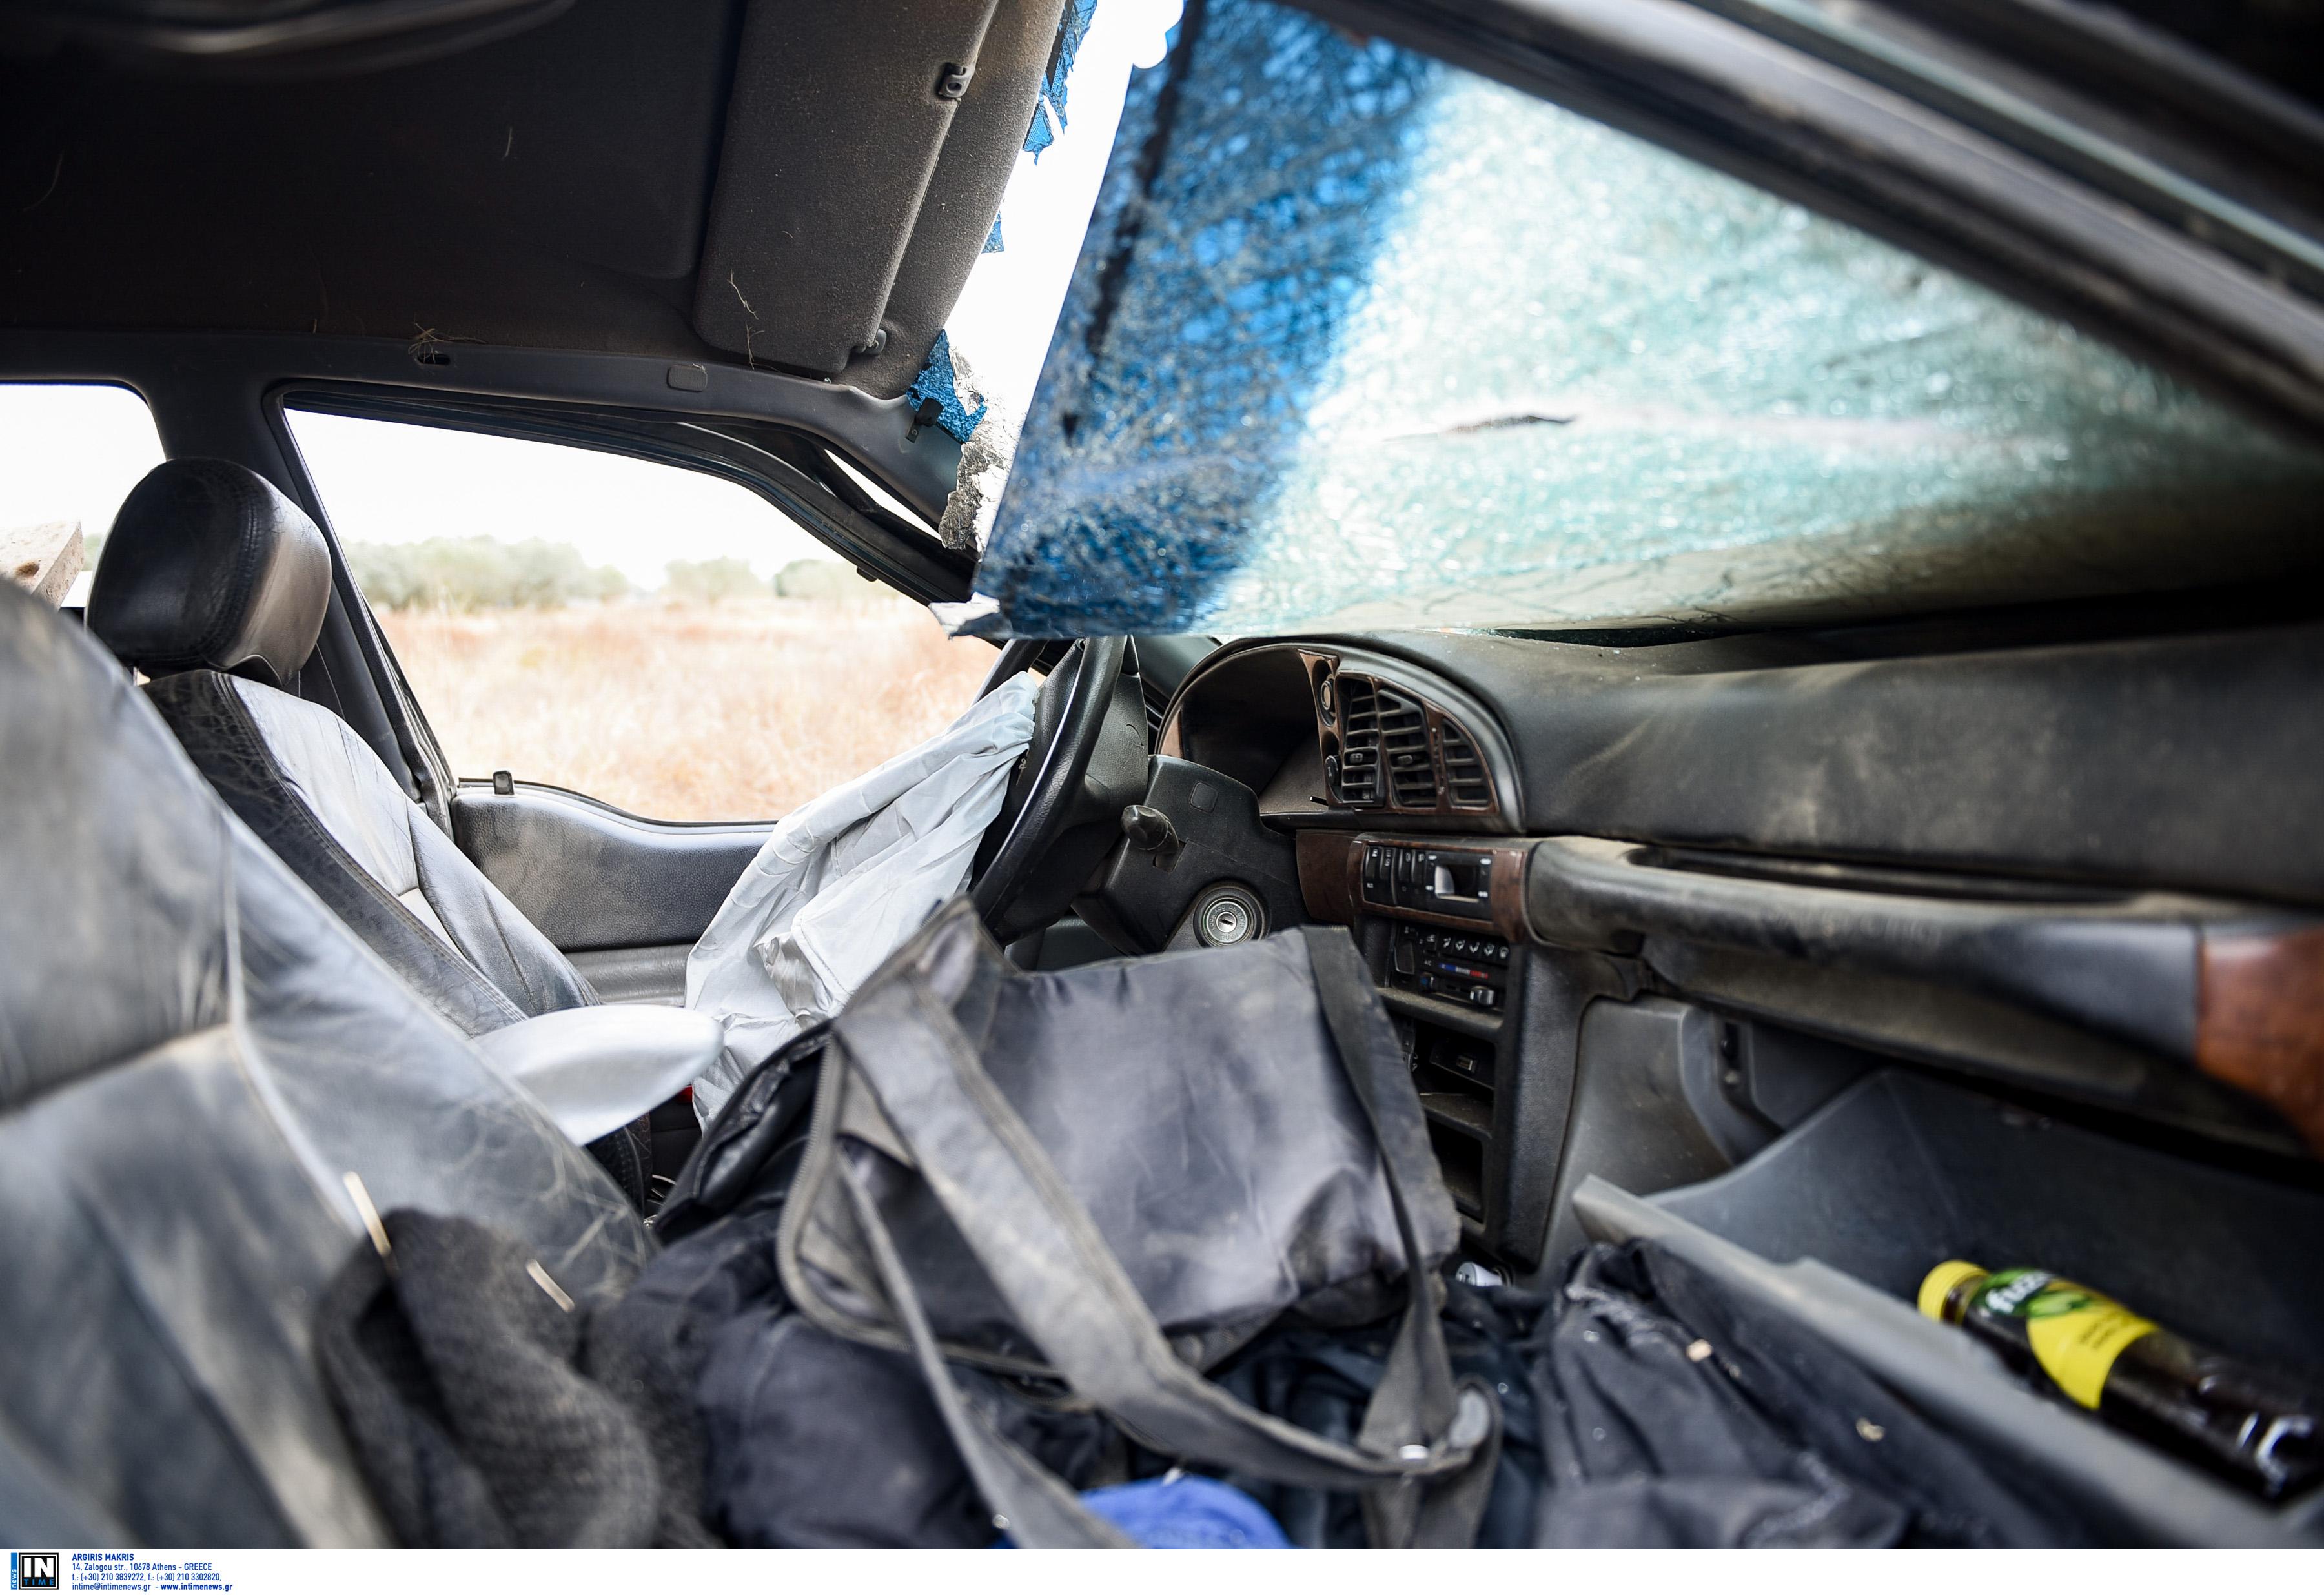 Κοζάνη: Η τραγική σύμπτωση του φοβερού τροχαίου – Σπαραγμός για νεαρό οδηγό που σκοτώθηκε!